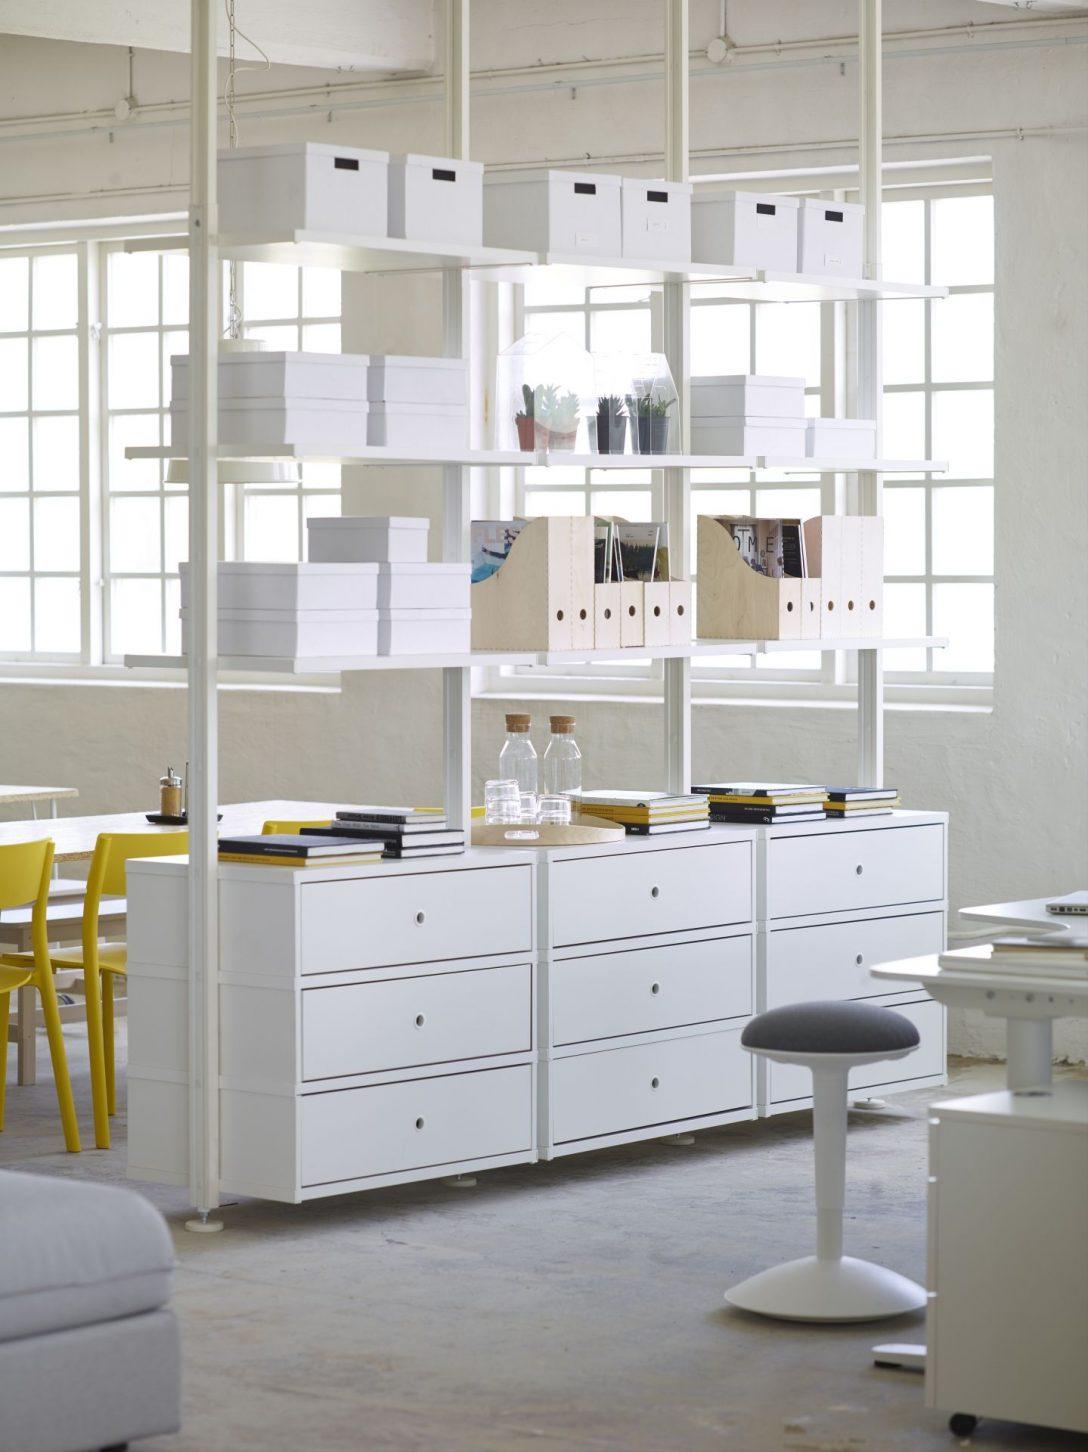 Large Size of Elvarli 3 Seces Branco Ikea Miniküche Küche Kaufen Sofa Mit Schlaffunktion Modulküche Raumteiler Regal Kosten Betten Bei 160x200 Wohnzimmer Ikea Raumteiler